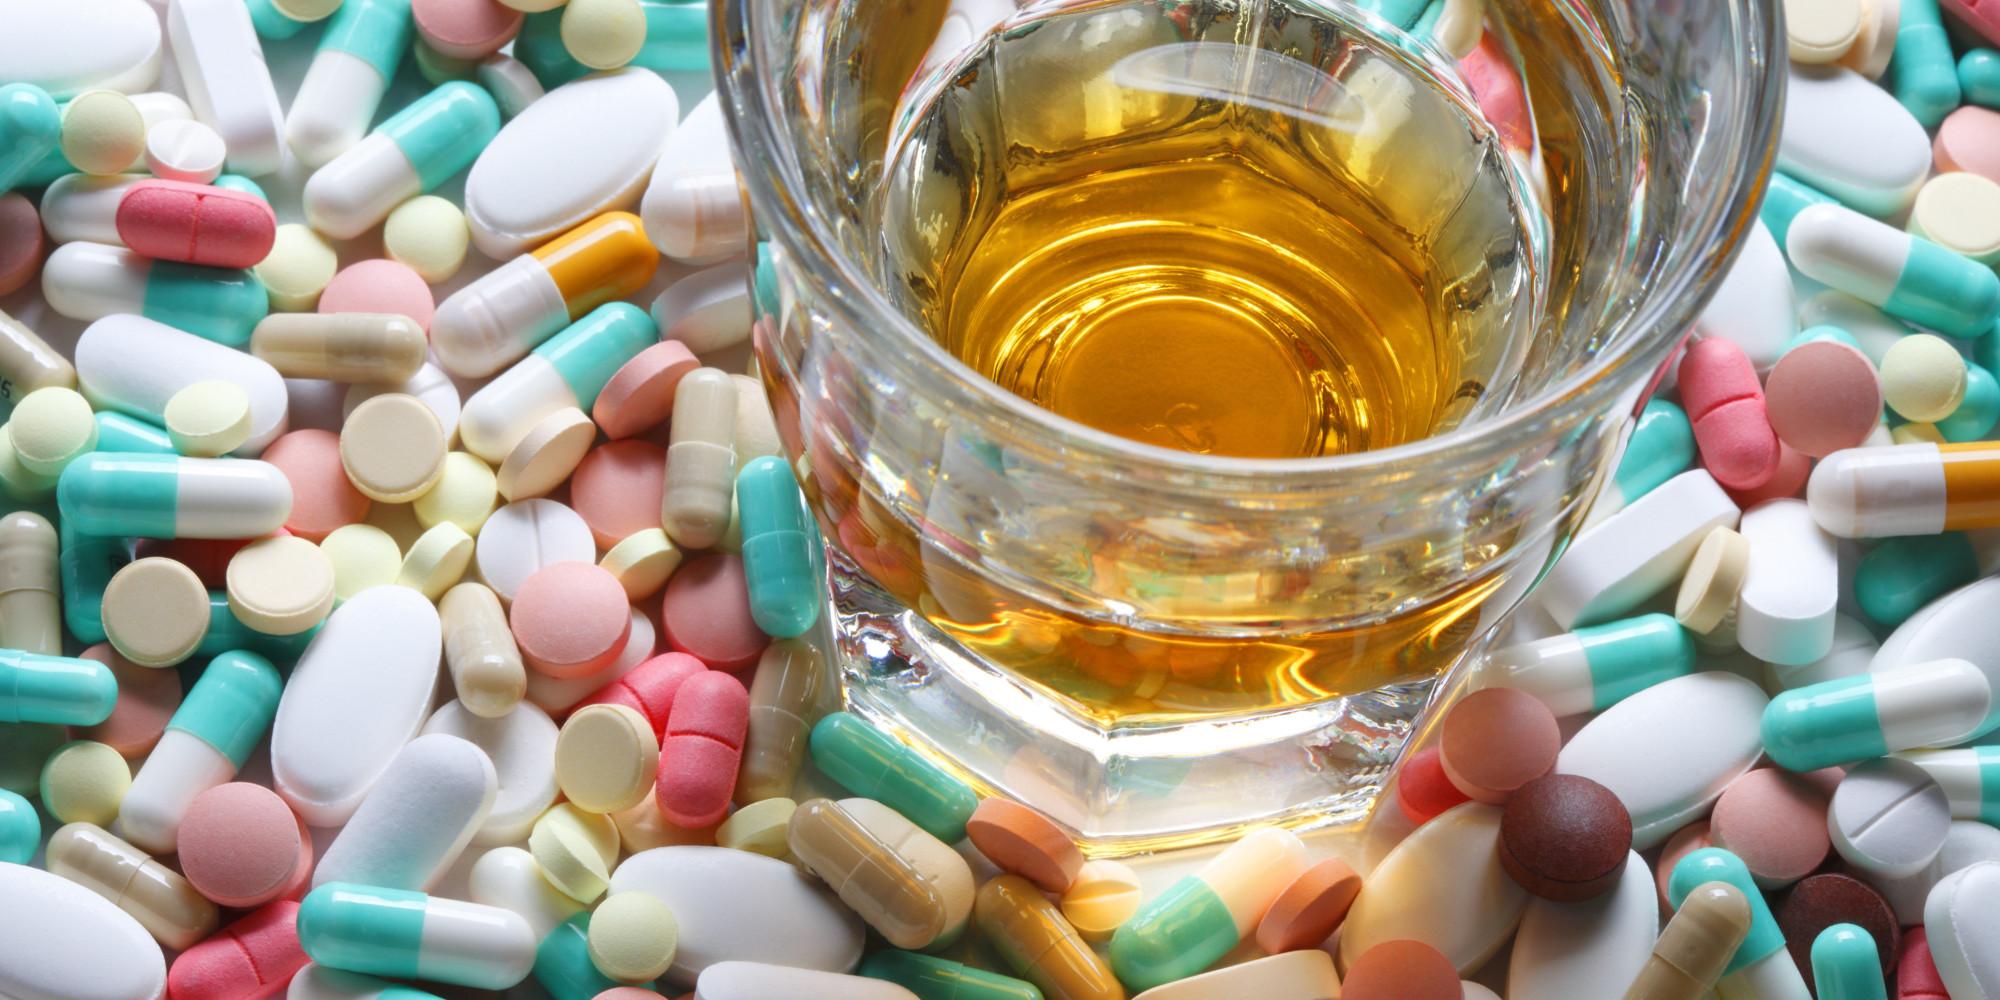 https://i1.wp.com/i.huffpost.com/gen/1818541/images/o-DRUGS-ALCOHOL-facebook.jpg